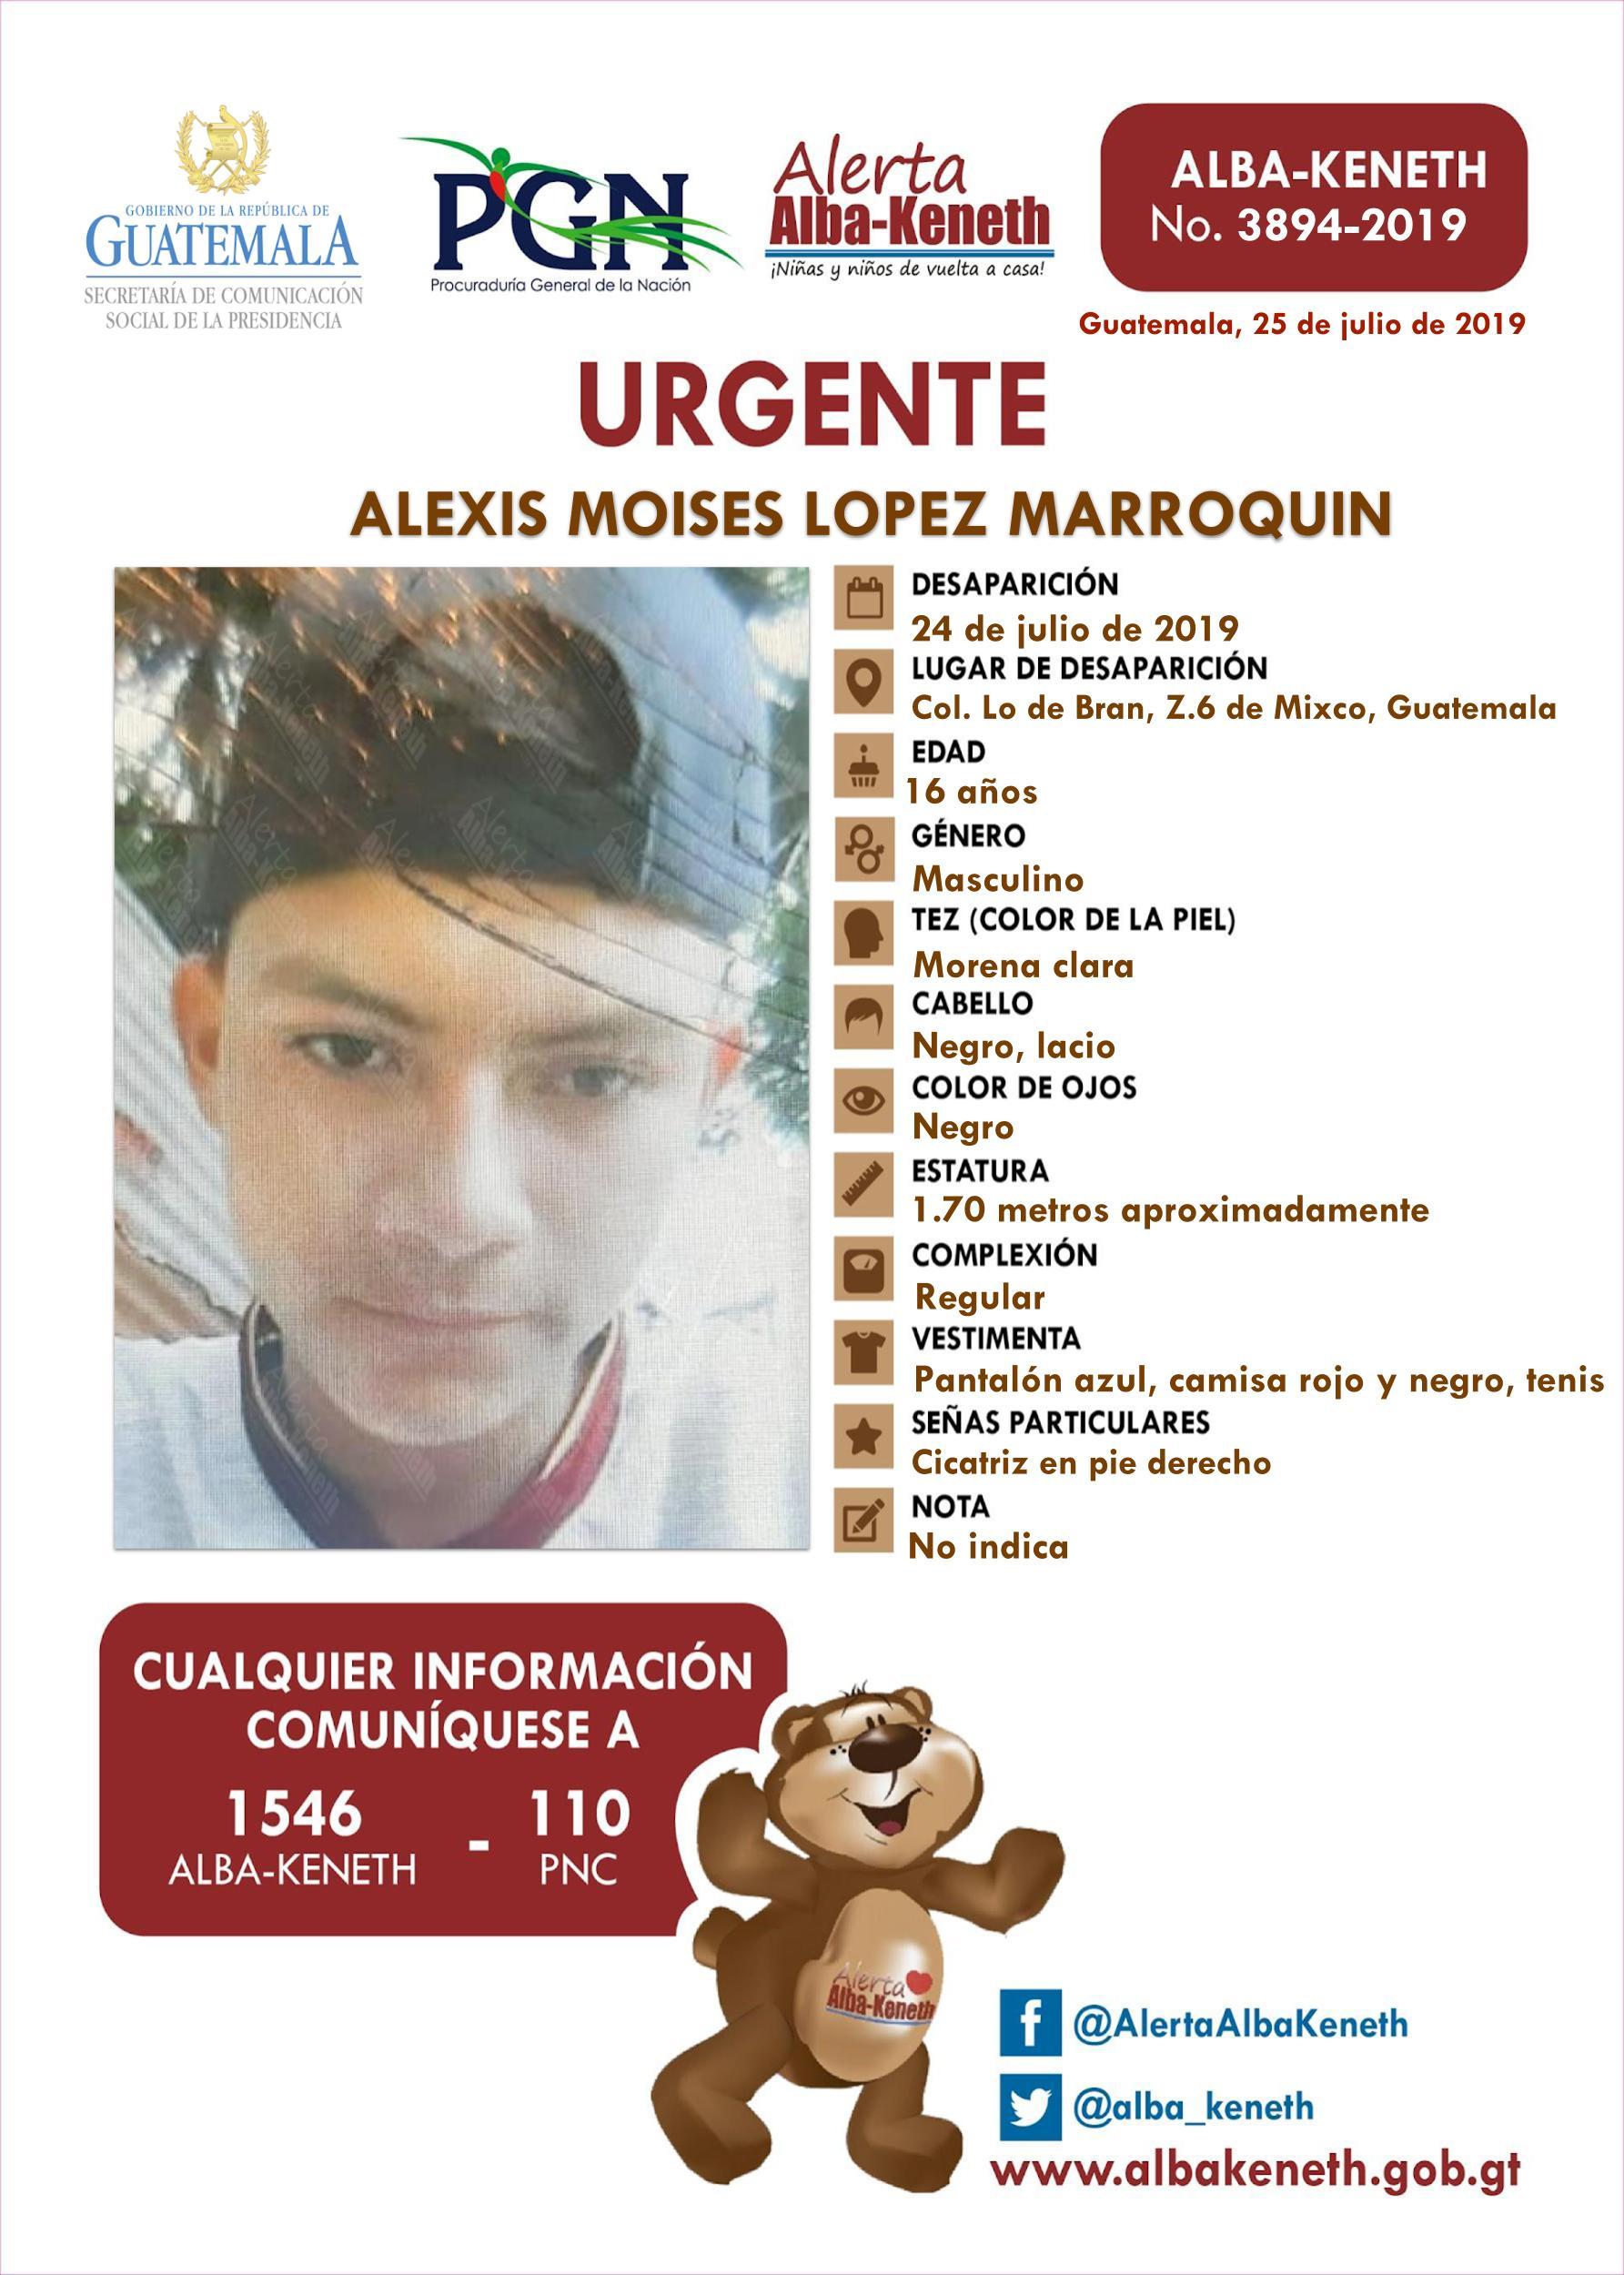 Alexis Moises Lopez Marroquin